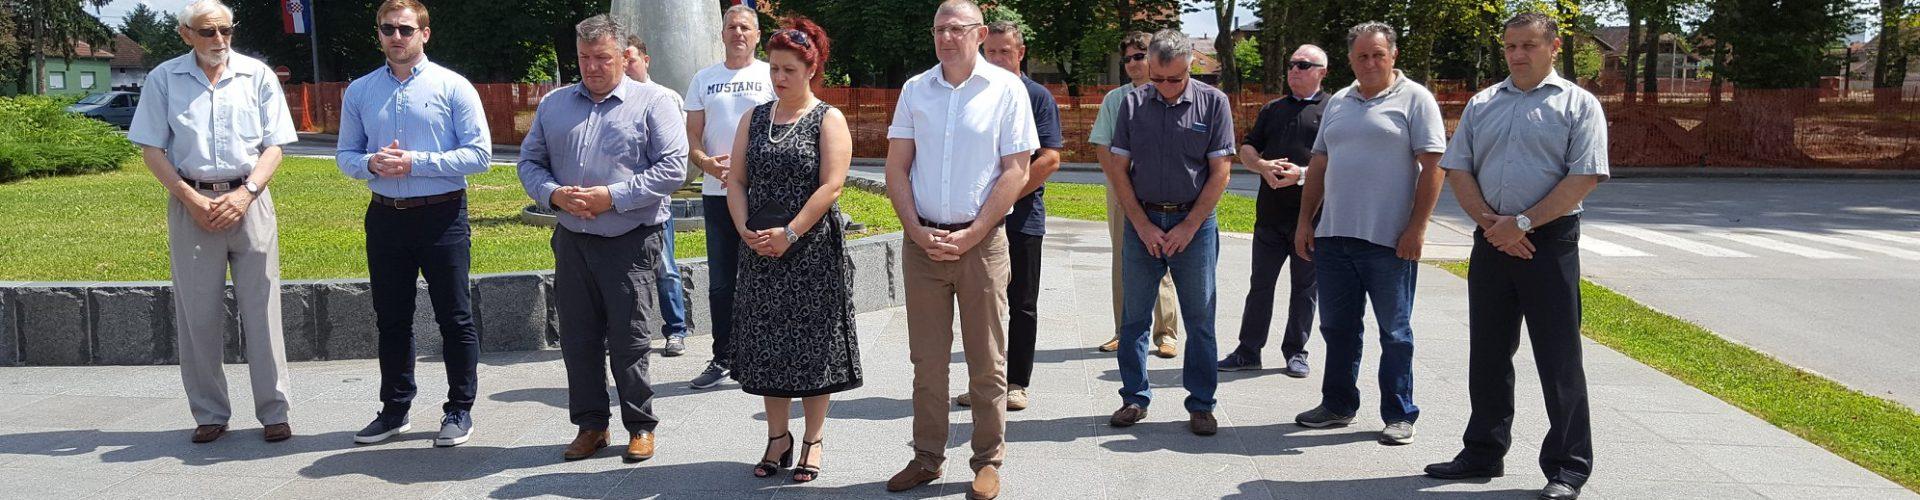 Odana počast hrvatskim braniteljima i civilima stradalim tijekom Domovinskog rata povodom Dana državnosti RH